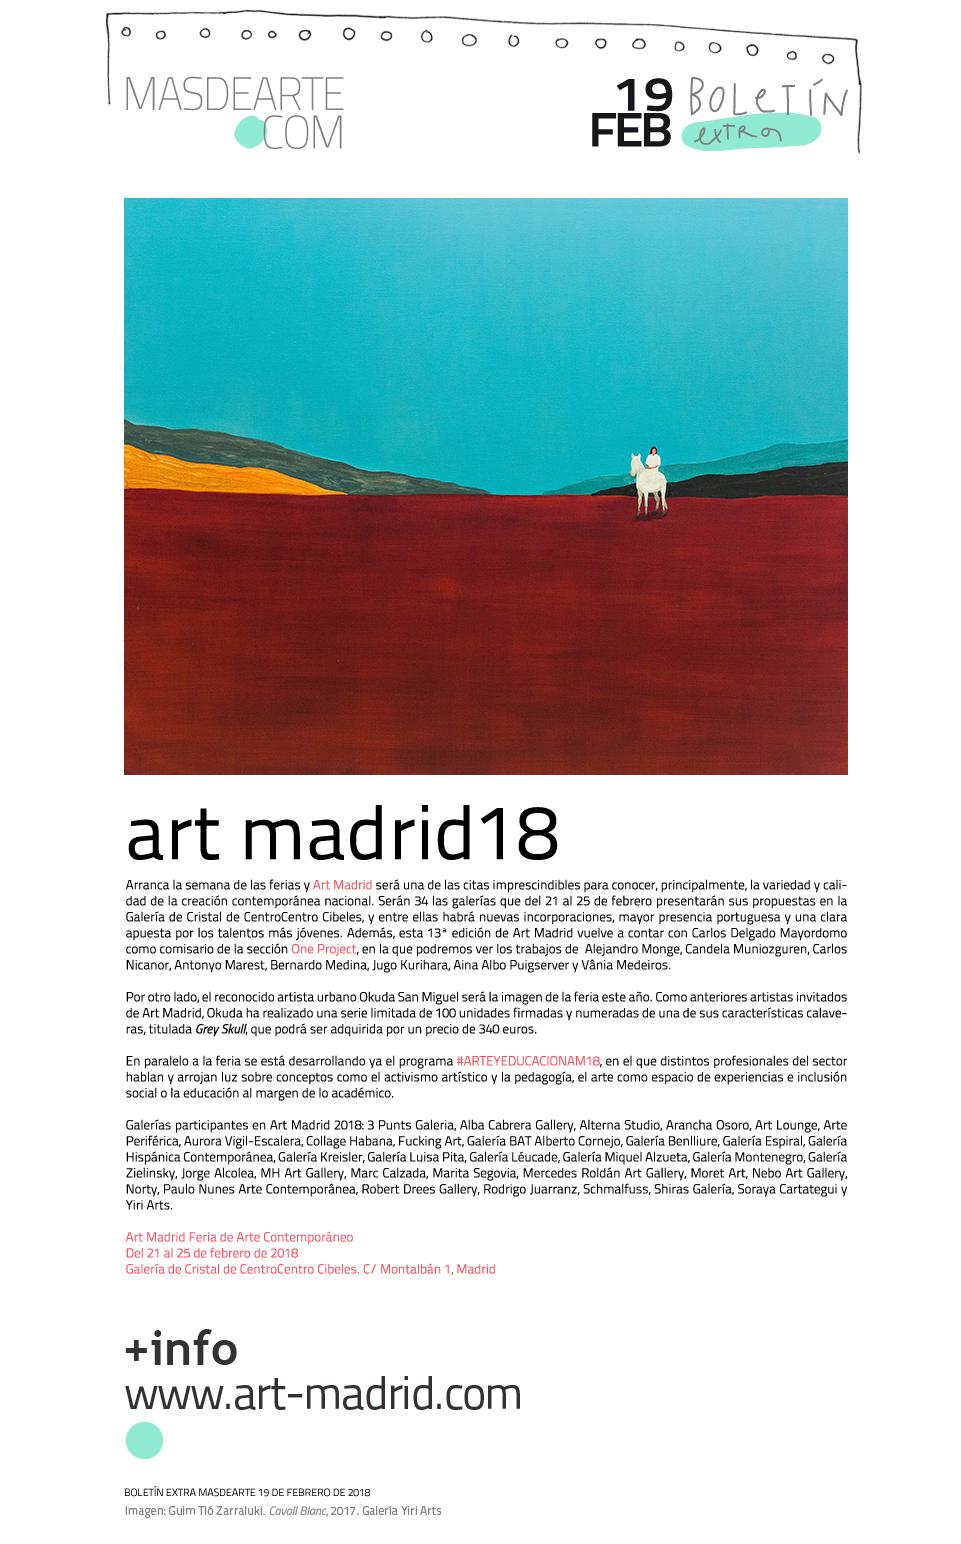 Arranca la semana de las ferias de arte contemporáneo en Madrid. Art Madrid18, del 21 al 25 de febrero de 2018